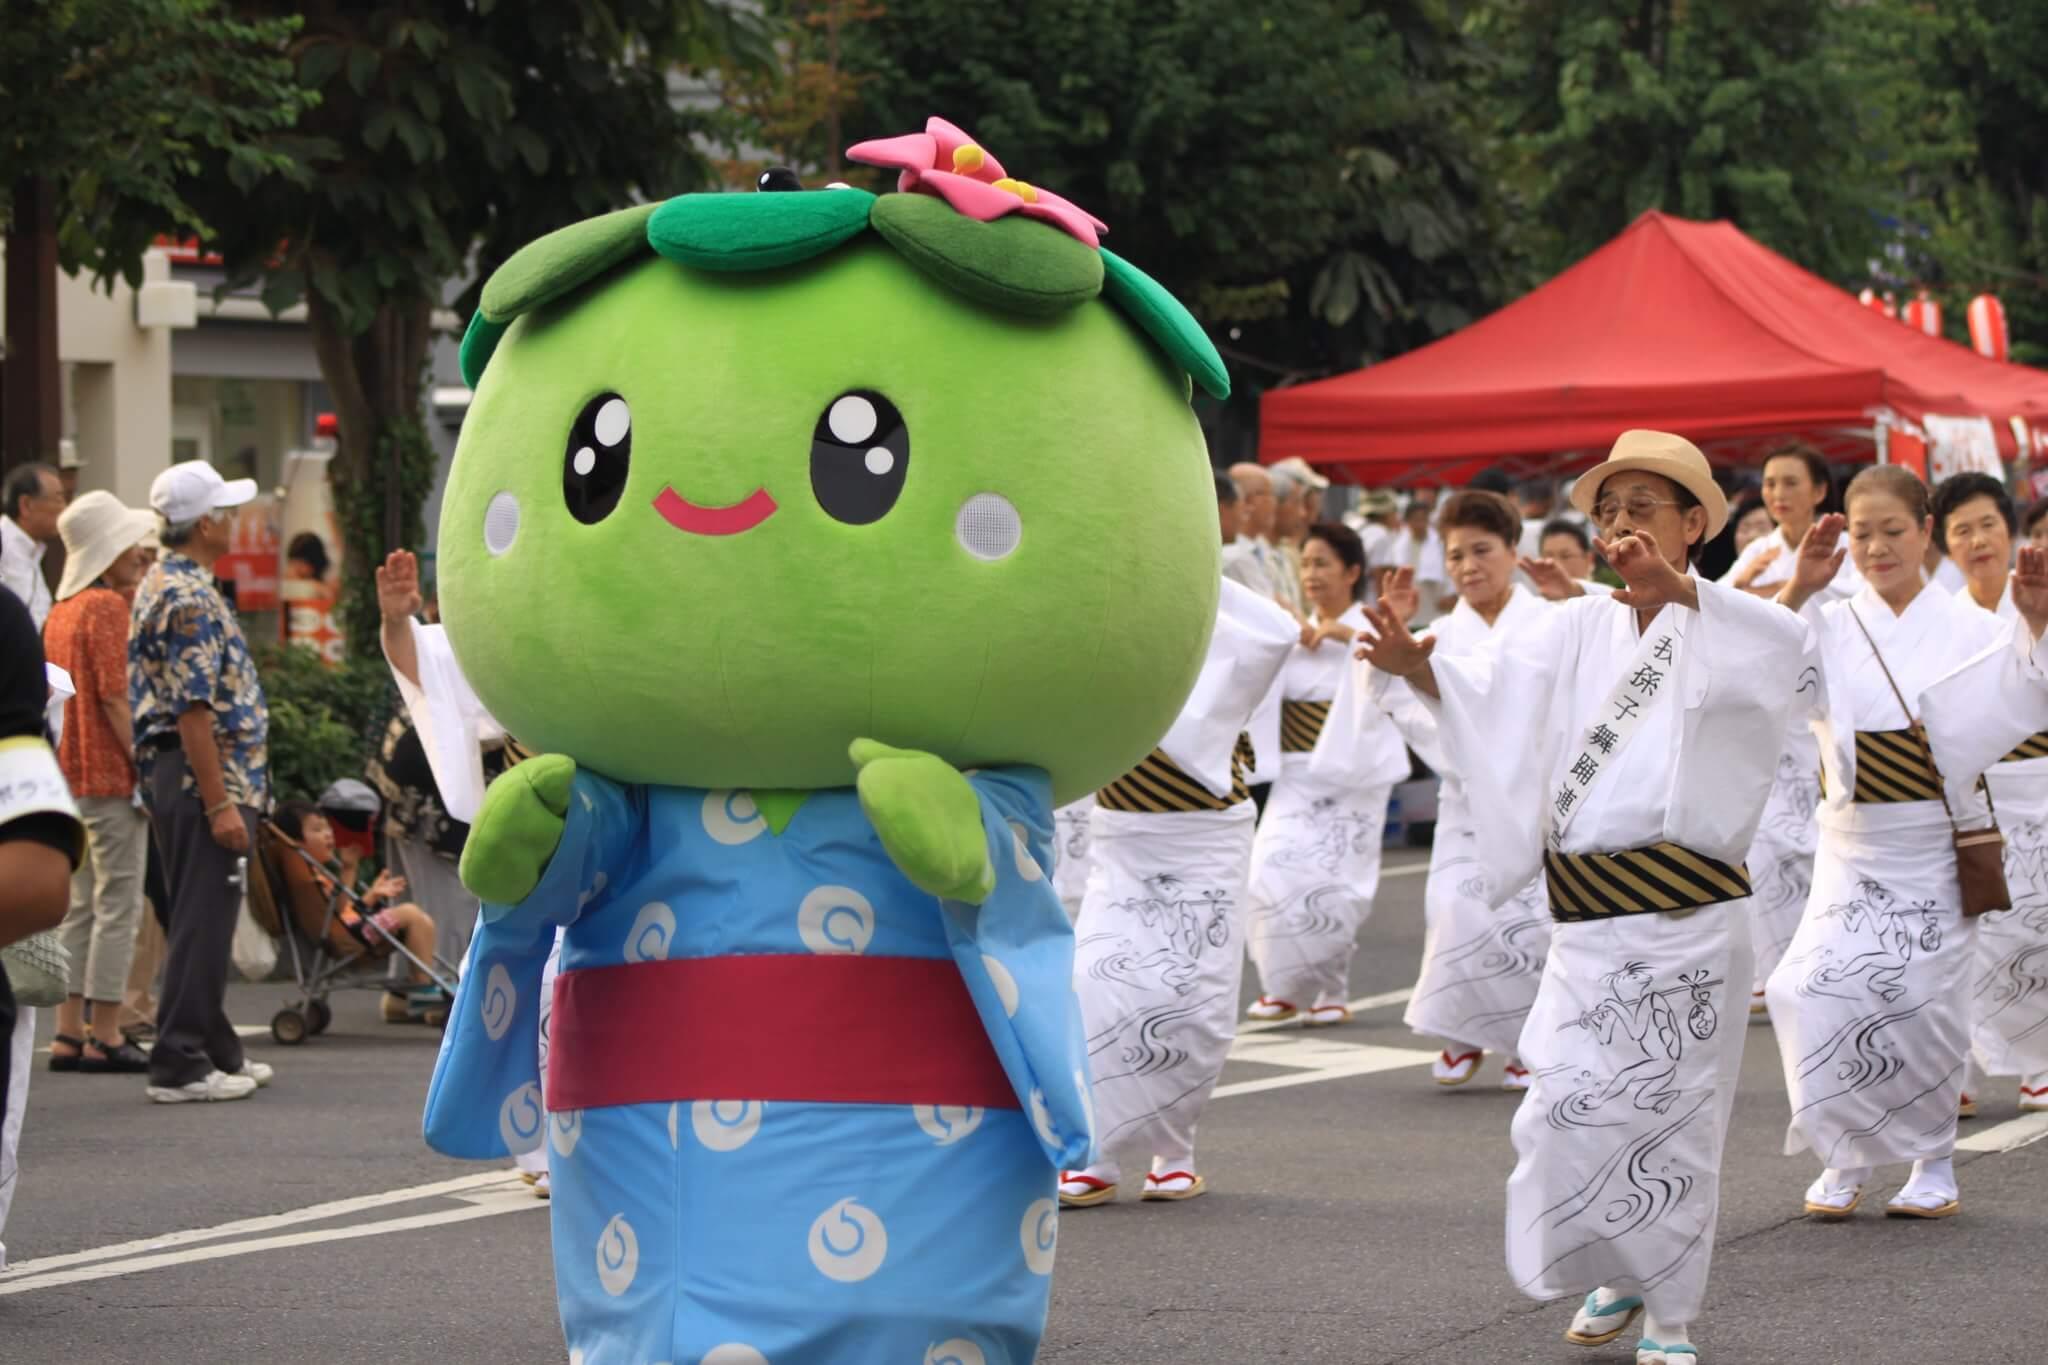 Kappa-Maskottchen in einer Parade